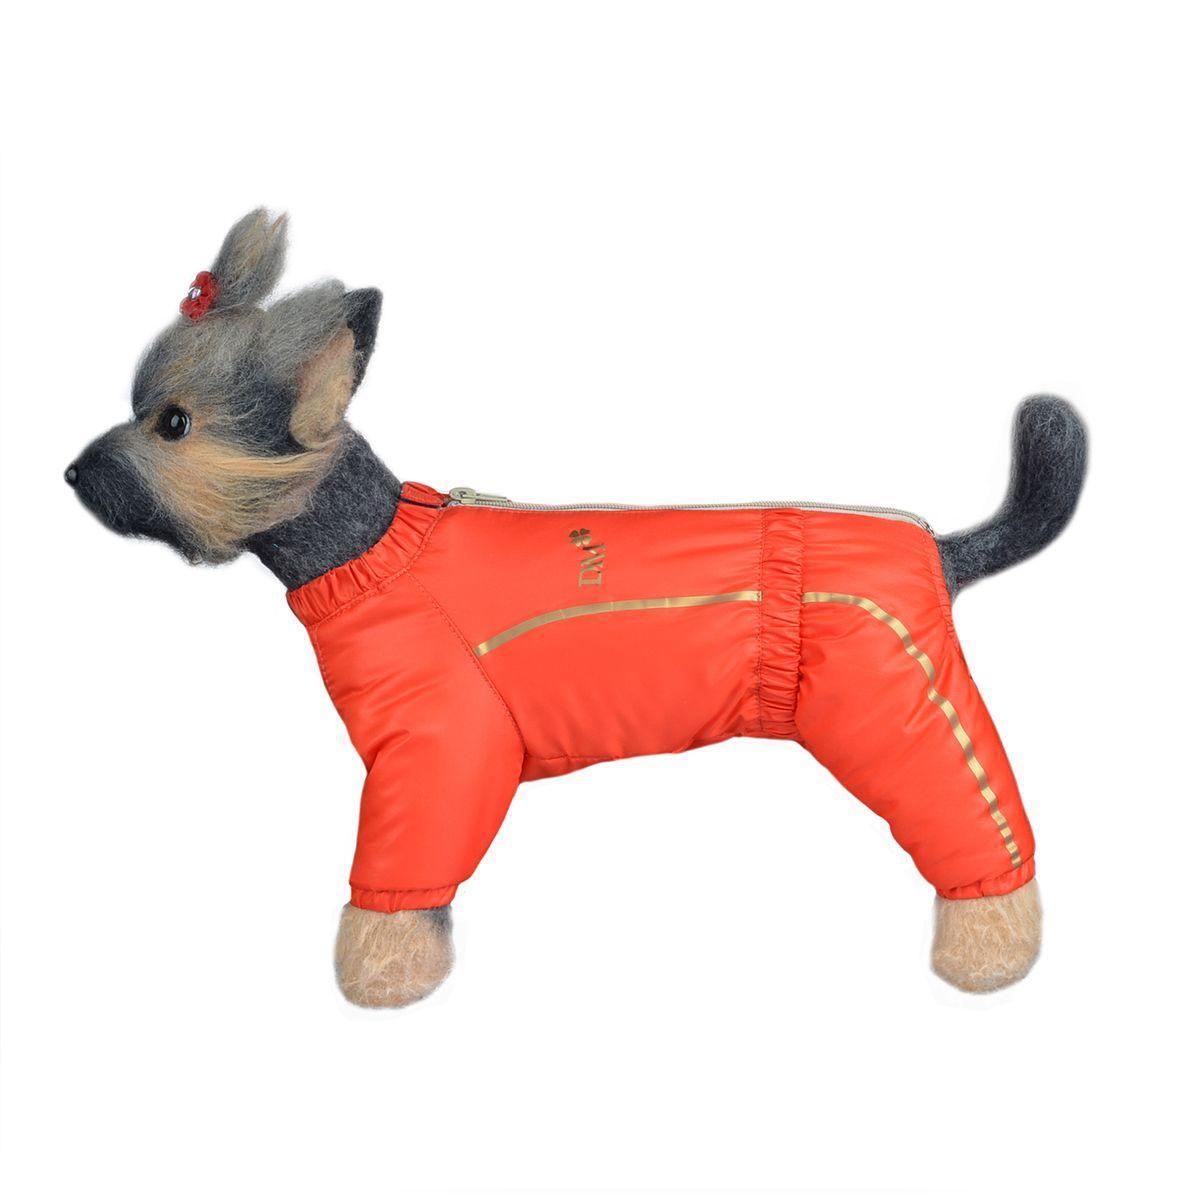 Комбинезон для собак Dogmoda Альпы, зимний, для девочки, цвет: оранжевый. Размер 1 (S)DM-150349-1_оранжевыйЗимний комбинезон для собак Dogmoda Альпы отлично подойдет для прогулок в зимнее время года.Комбинезон изготовлен из полиэстера, защищающего от ветра и снега, с утеплителем из синтепона, который сохранит тепло даже в сильные морозы, а на подкладке используется искусственный мех, который обеспечивает отличный воздухообмен. Комбинезон застегивается на молнию и липучку, благодаря чему его легко надевать и снимать. Ворот, низ рукавов и брючин оснащены внутренними резинками, которые мягко обхватывают шею и лапки, не позволяя просачиваться холодному воздуху. На пояснице имеется внутренняя резинка. Изделие декорировано бежевыми полосками и надписью DM.Благодаря такому комбинезону простуда не грозит вашему питомцу и он сможет испытать не сравнимое удовольствие от снежных игр и забав.Длина по спинке: 20 см.Объем груди: 33 см.Обхват шеи: 21 см.